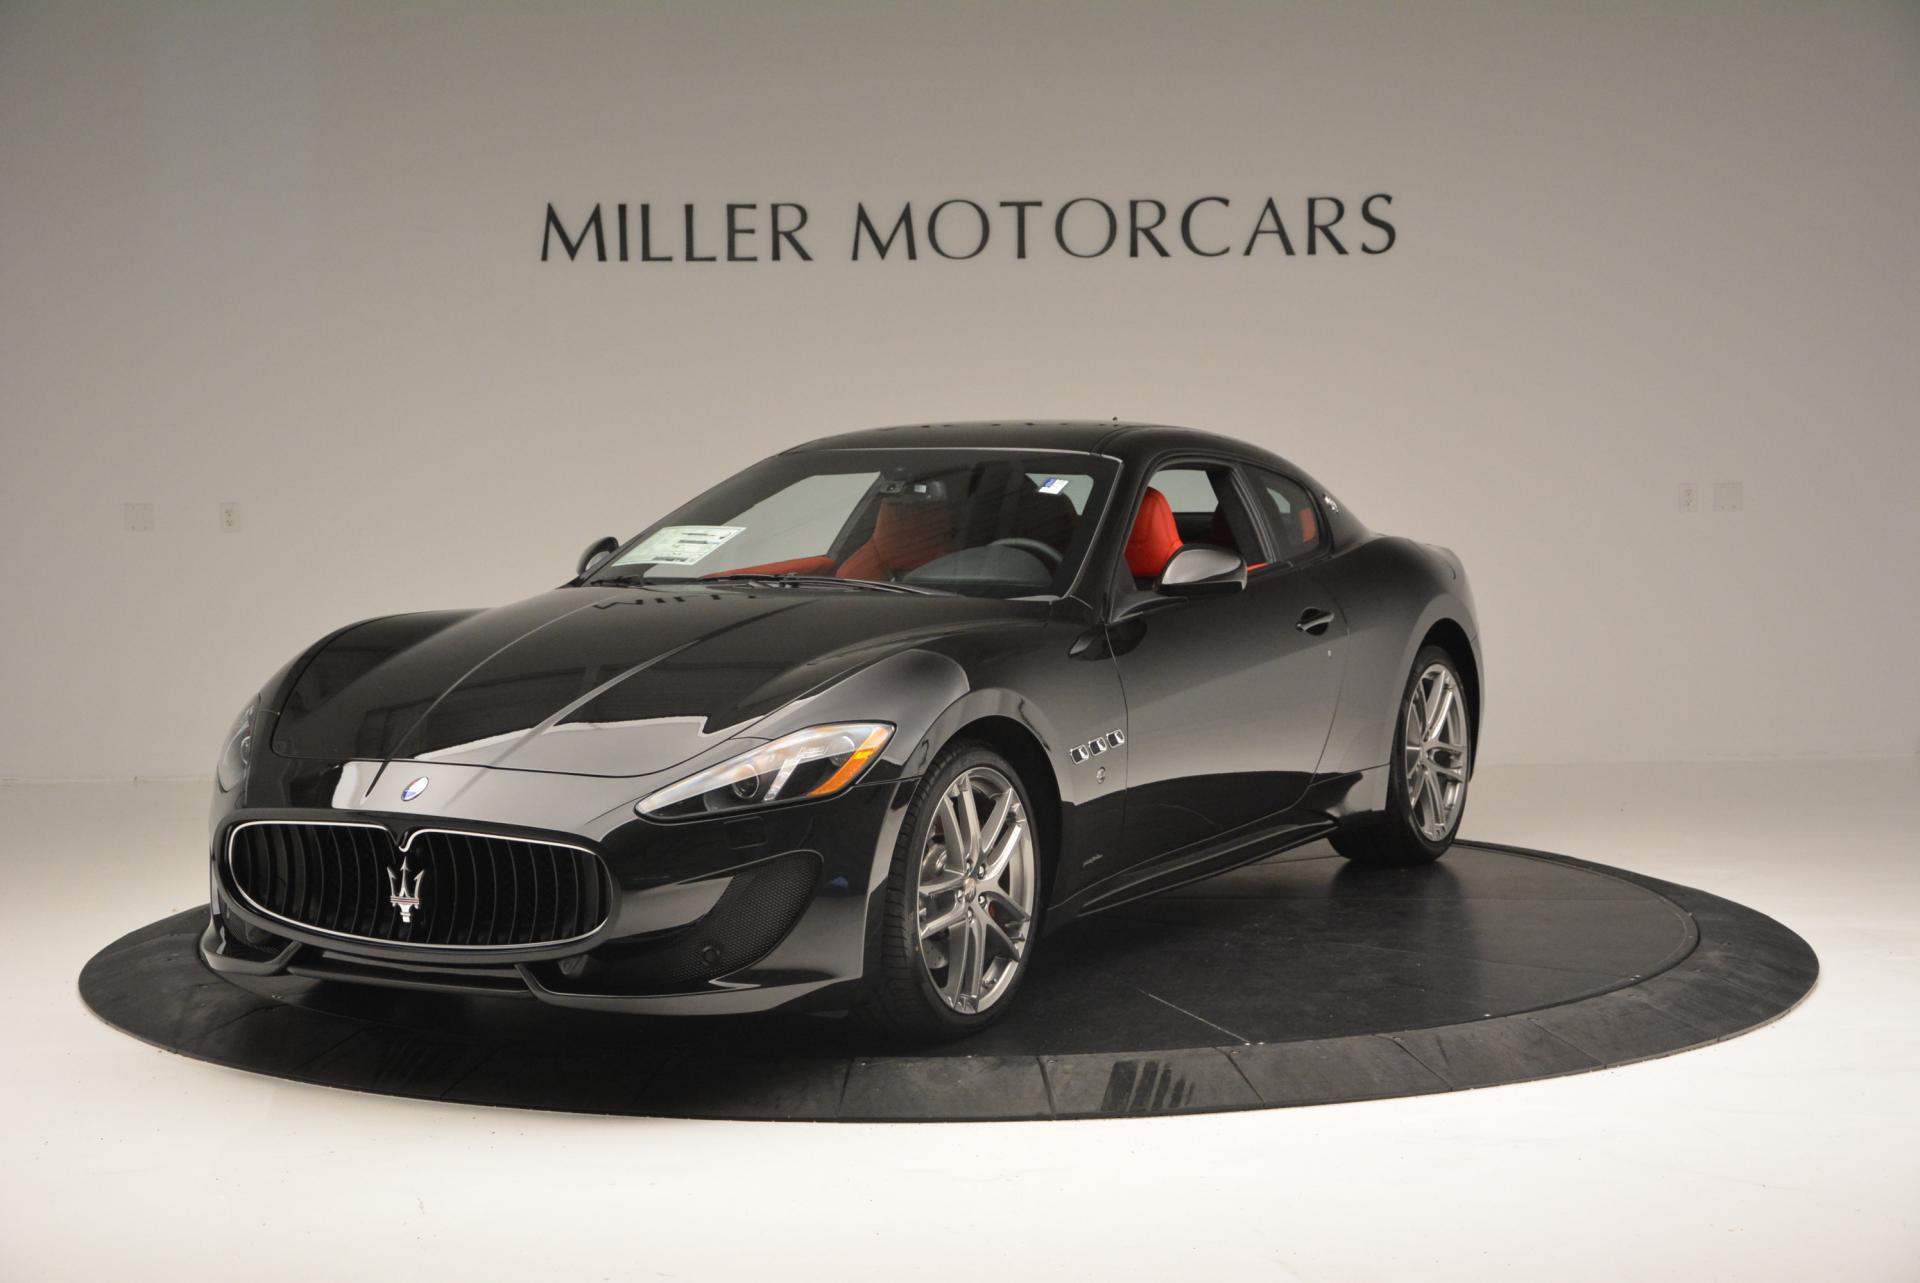 New 2016 Maserati GranTurismo Sport For Sale In Greenwich, CT 163_main